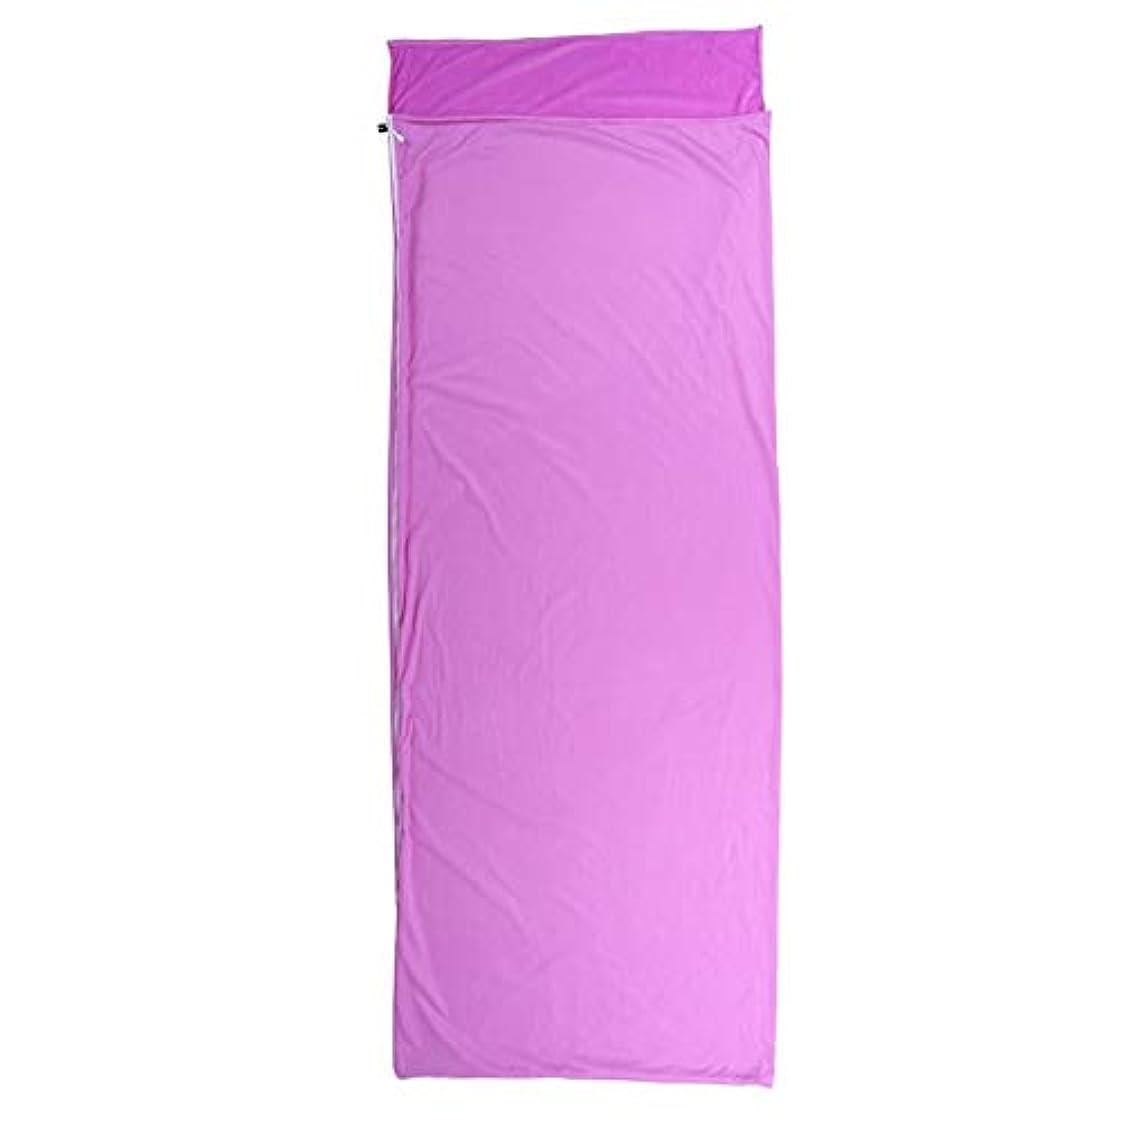 追加広まった端TLMYDD 大人の屋外旅行封筒超軽量ポータブルパープル裏地寝袋 寝袋 (Color : Green)